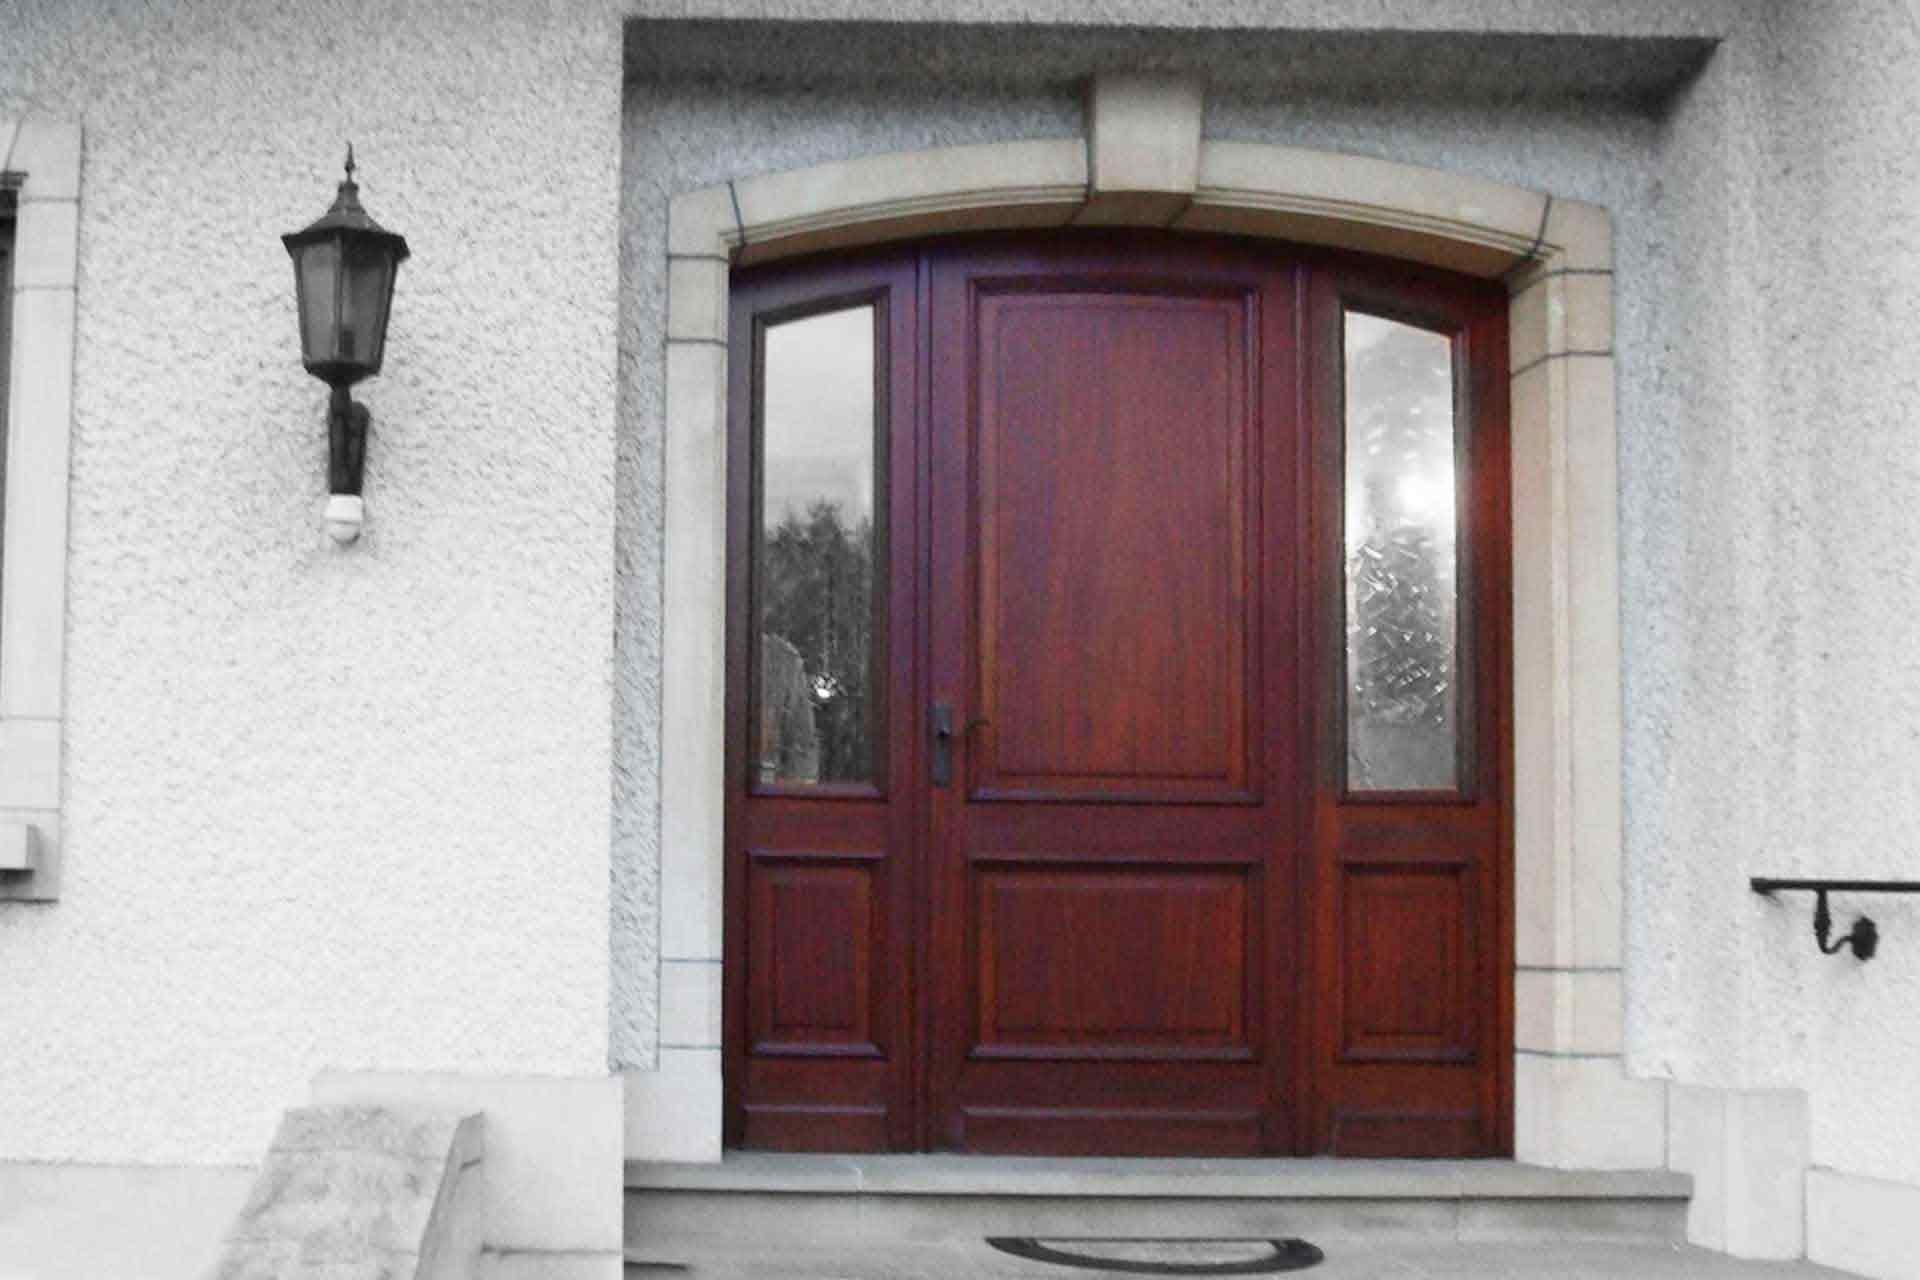 Vorher-Bild. Vor der Modernisierung mit Coplaning Luxemburg. Nahaufnahme des Eingangsbereichs eines weißen Einfamilienhauses mit Blick auf die neue braune Coplaning Haustür.